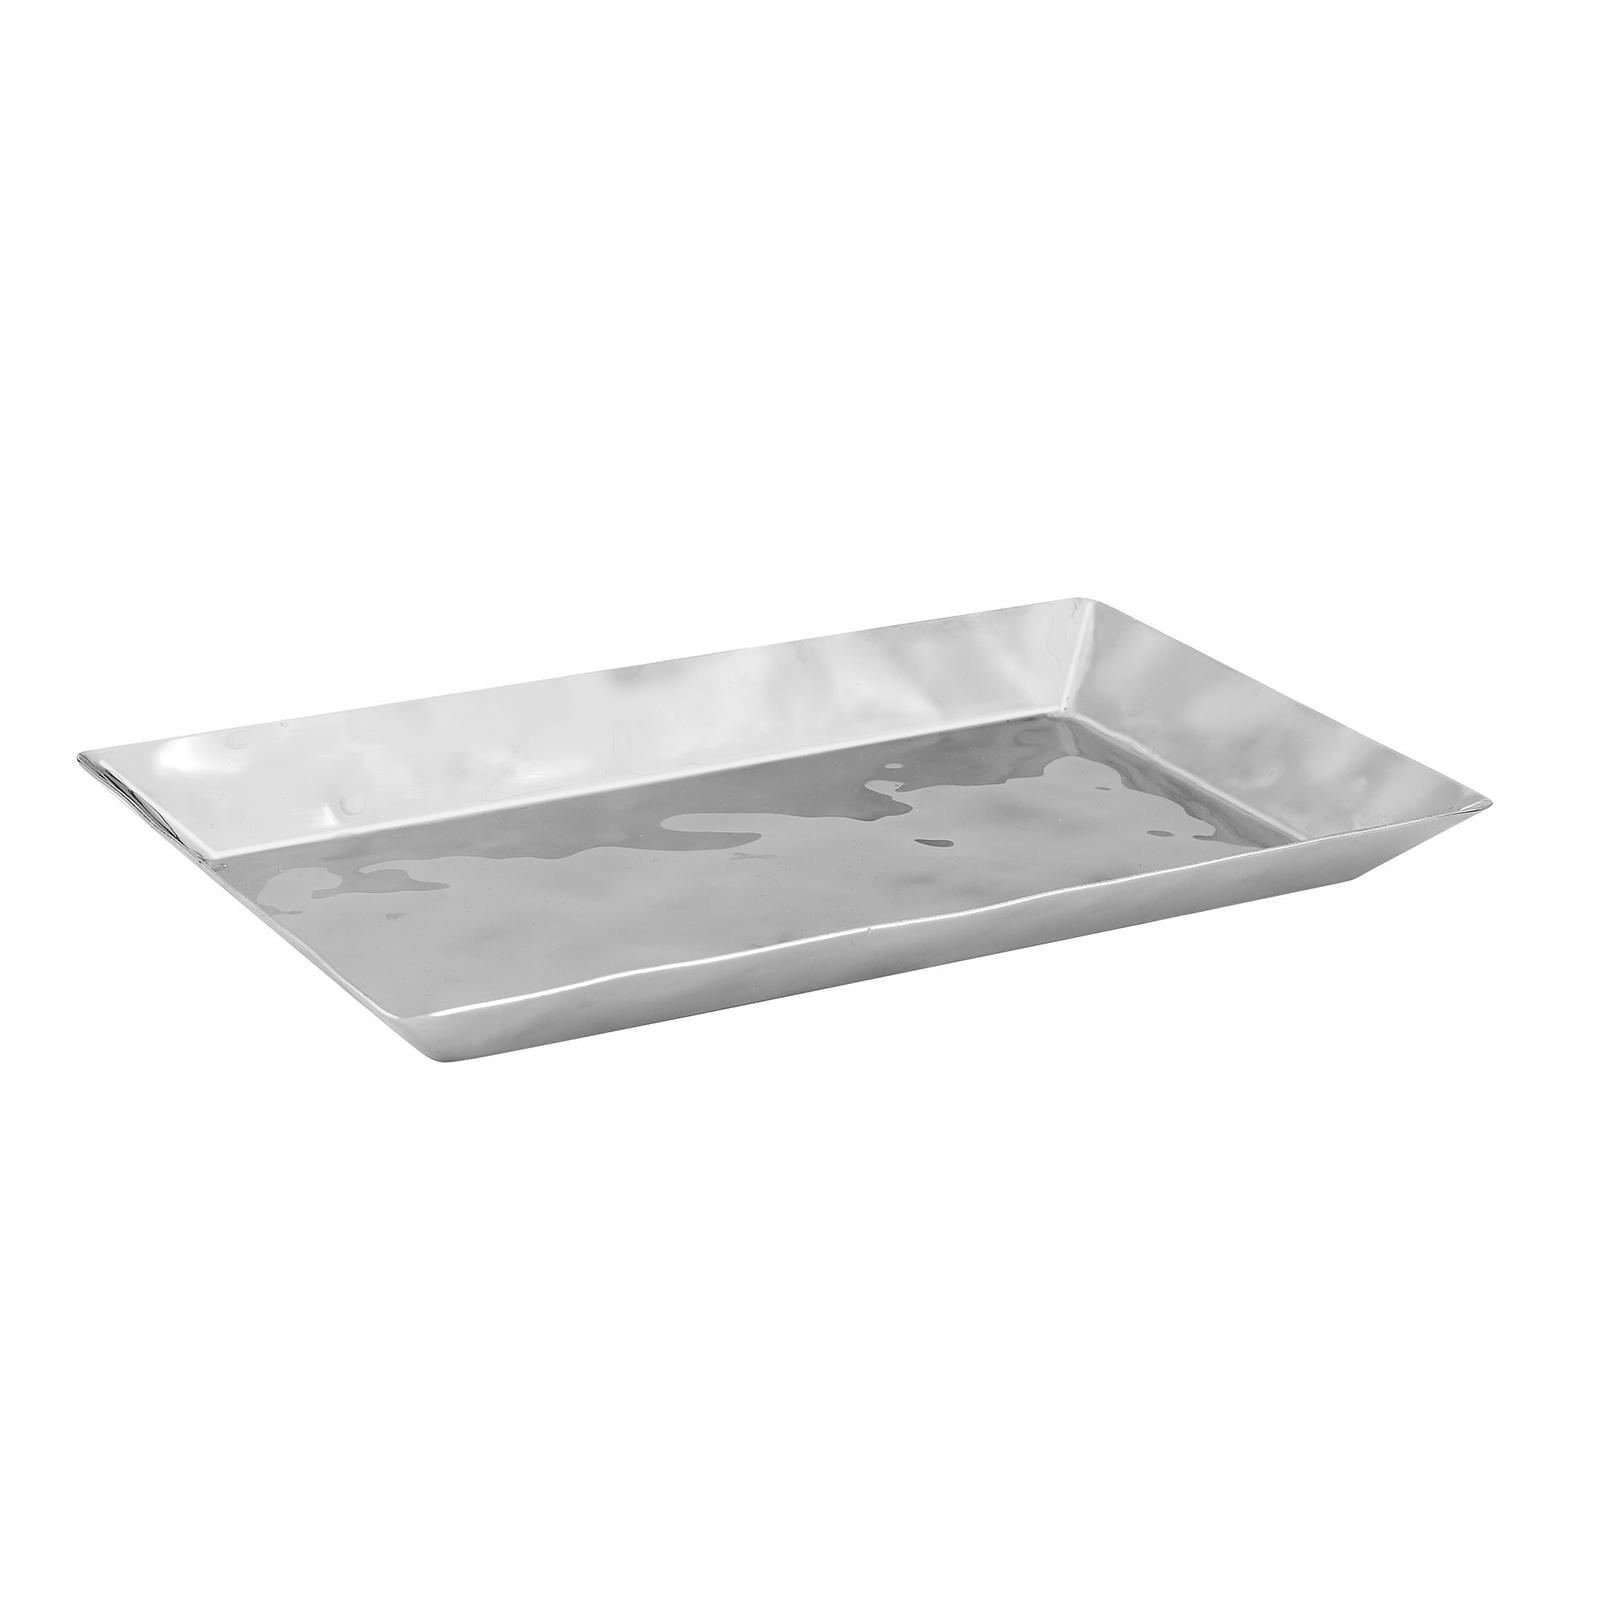 Winco HPO-12 display tray, market / bakery